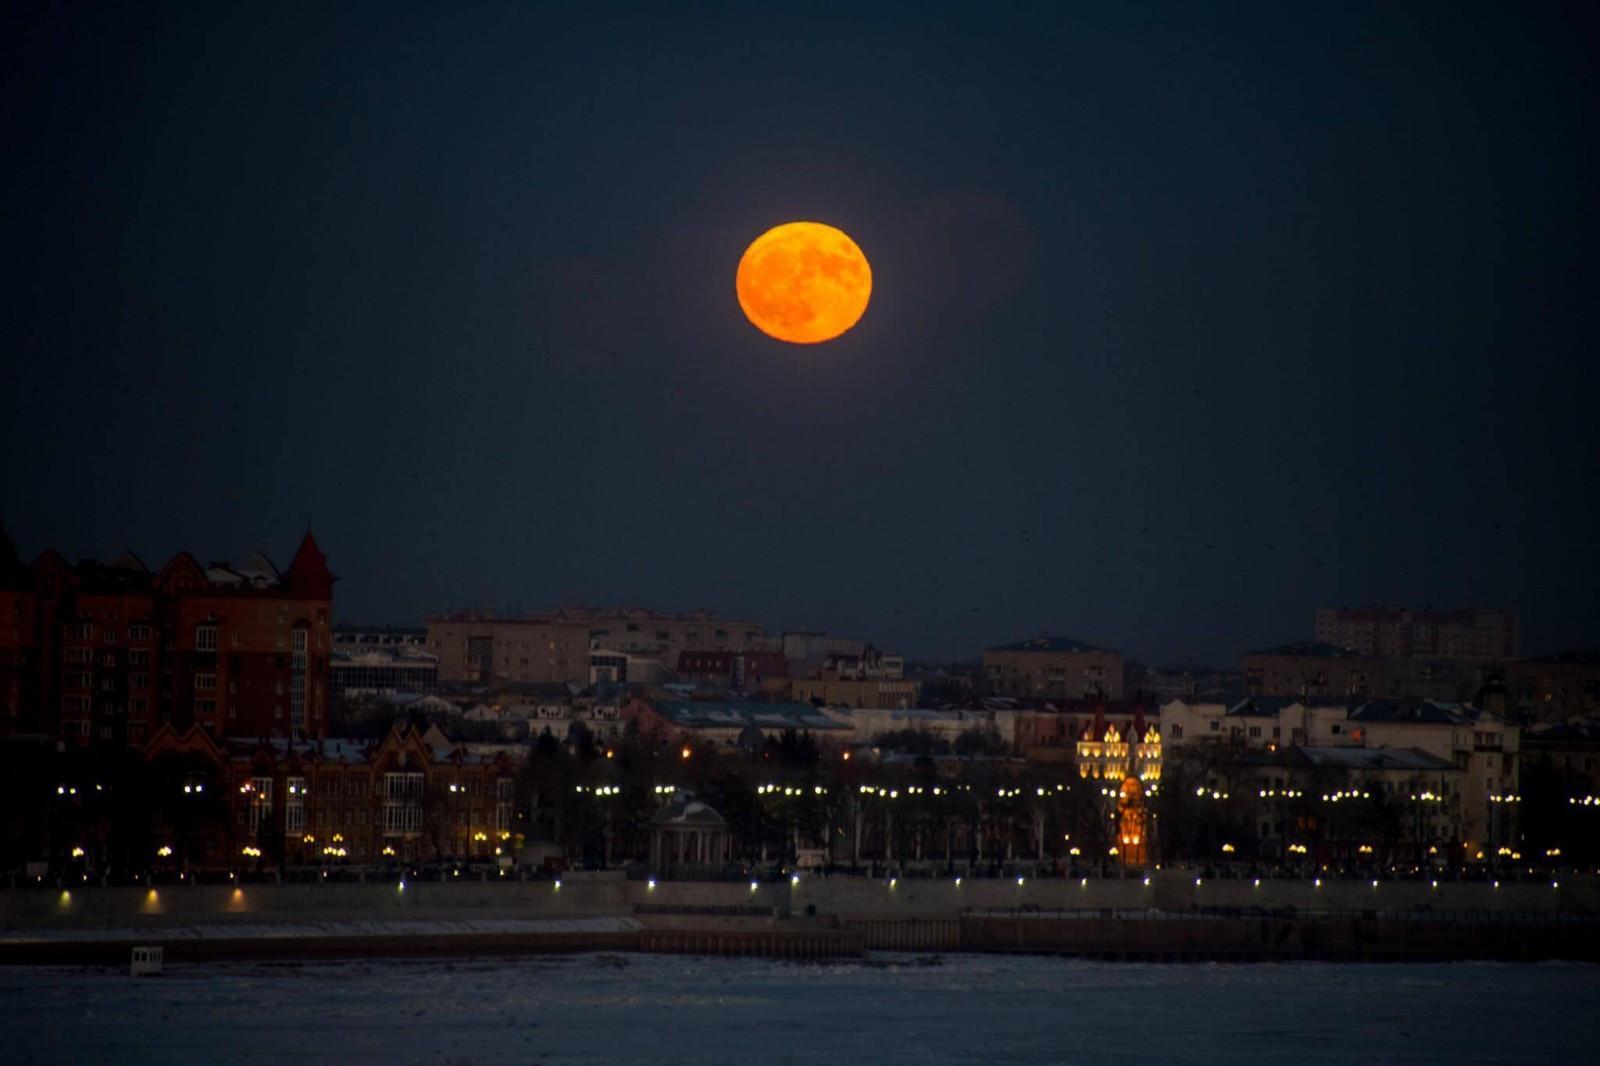 В Китае скоро может появиться вторая луна